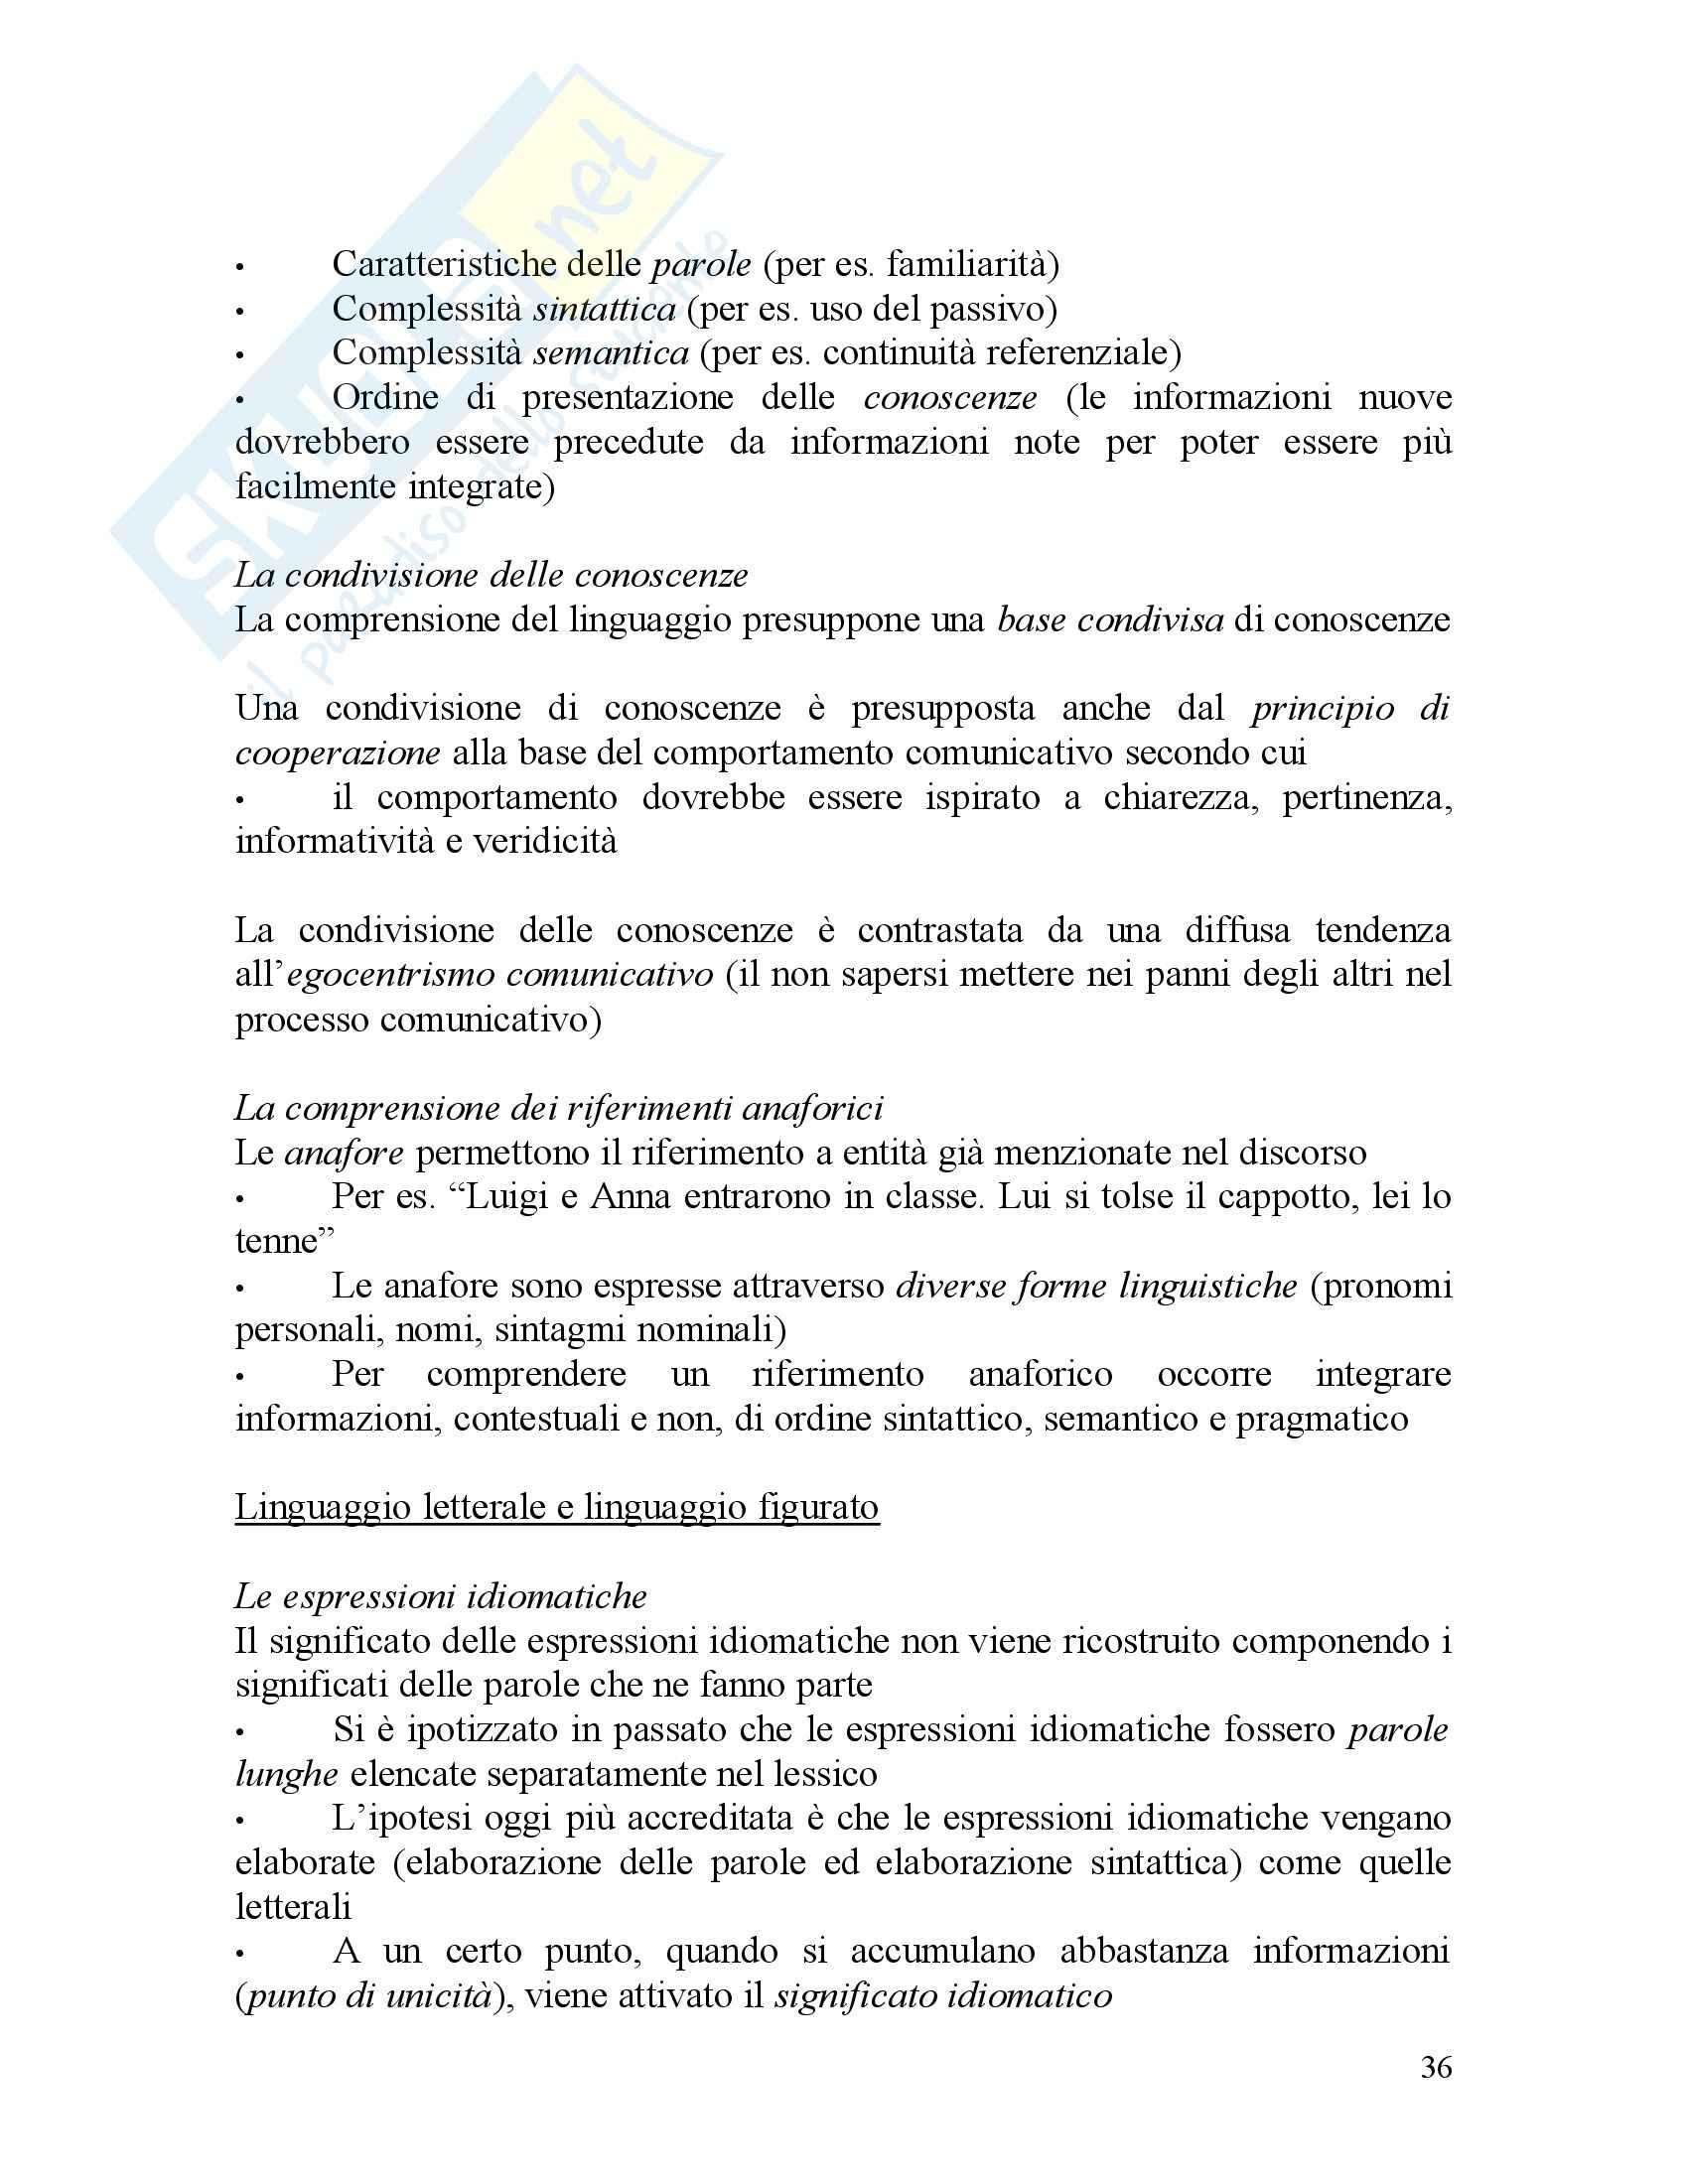 Psicologia dei processi cognitivi Pag. 36